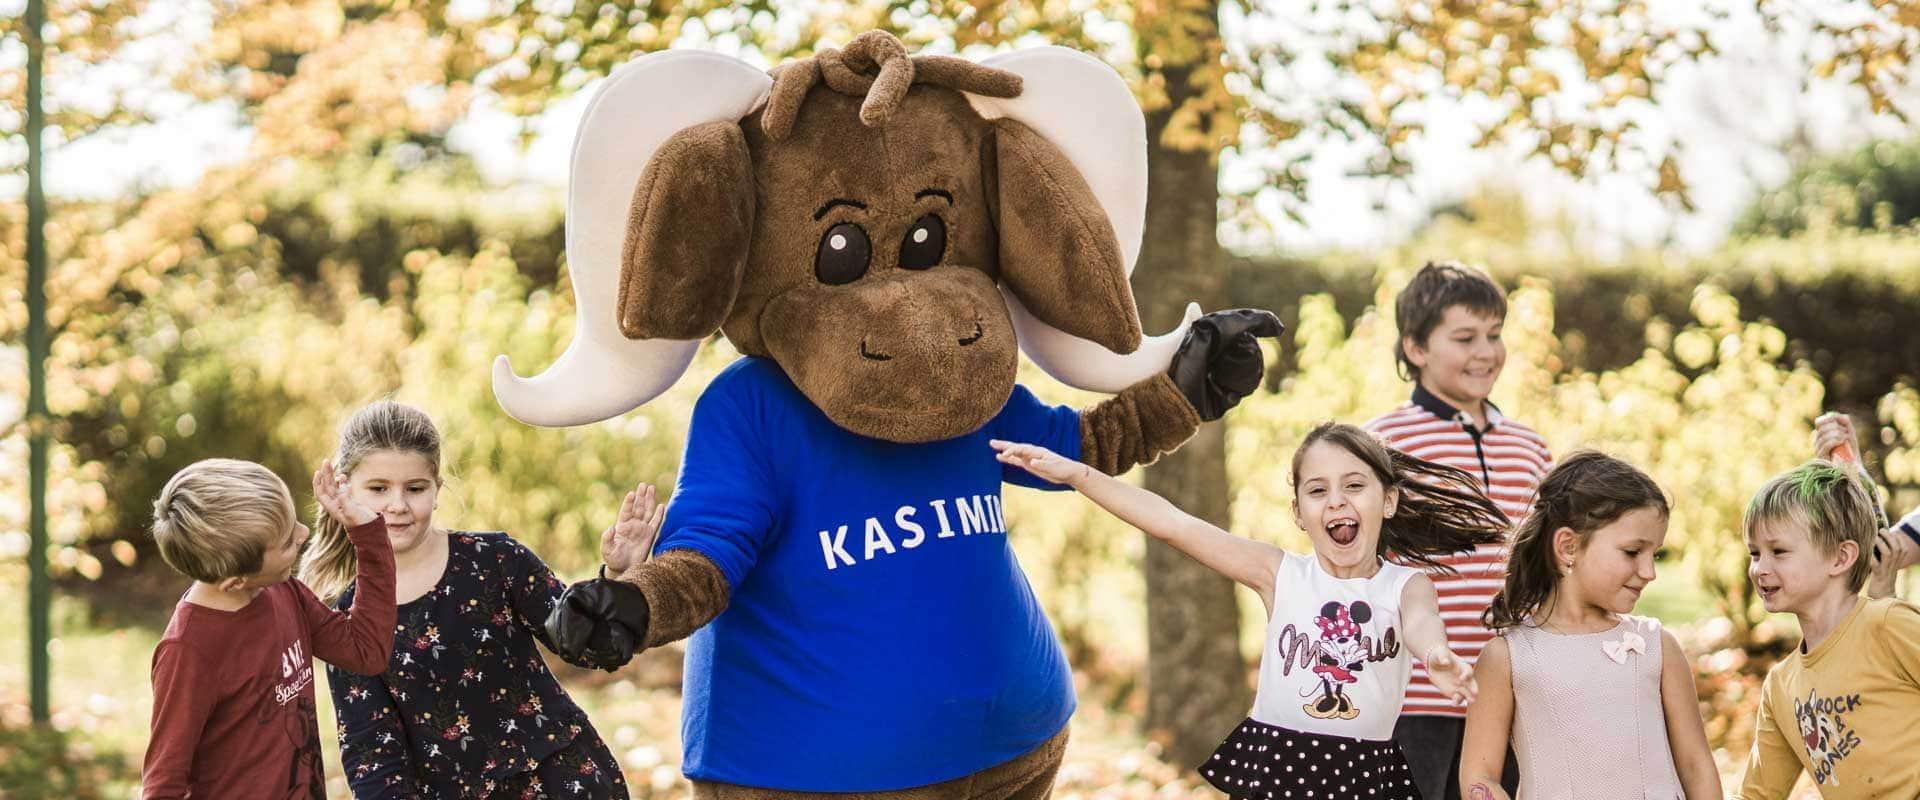 Kinder beim Tanzen mit Maskottchen Kasimir